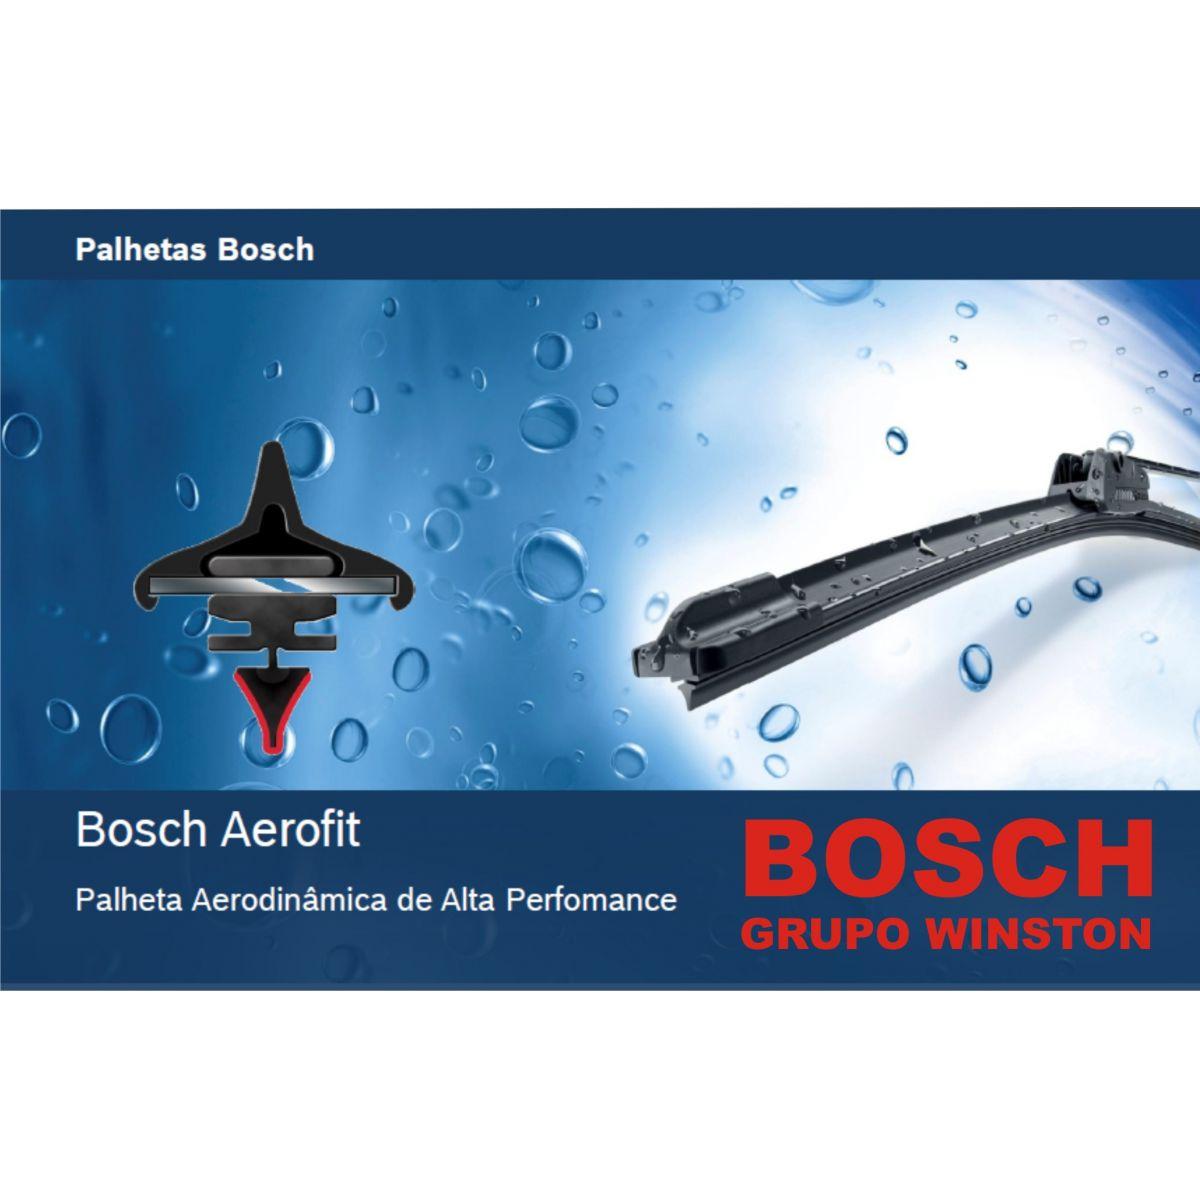 Palheta Bosch Aerofit Limpador de para brisa Bosch Polo Classic 1996 até 2003